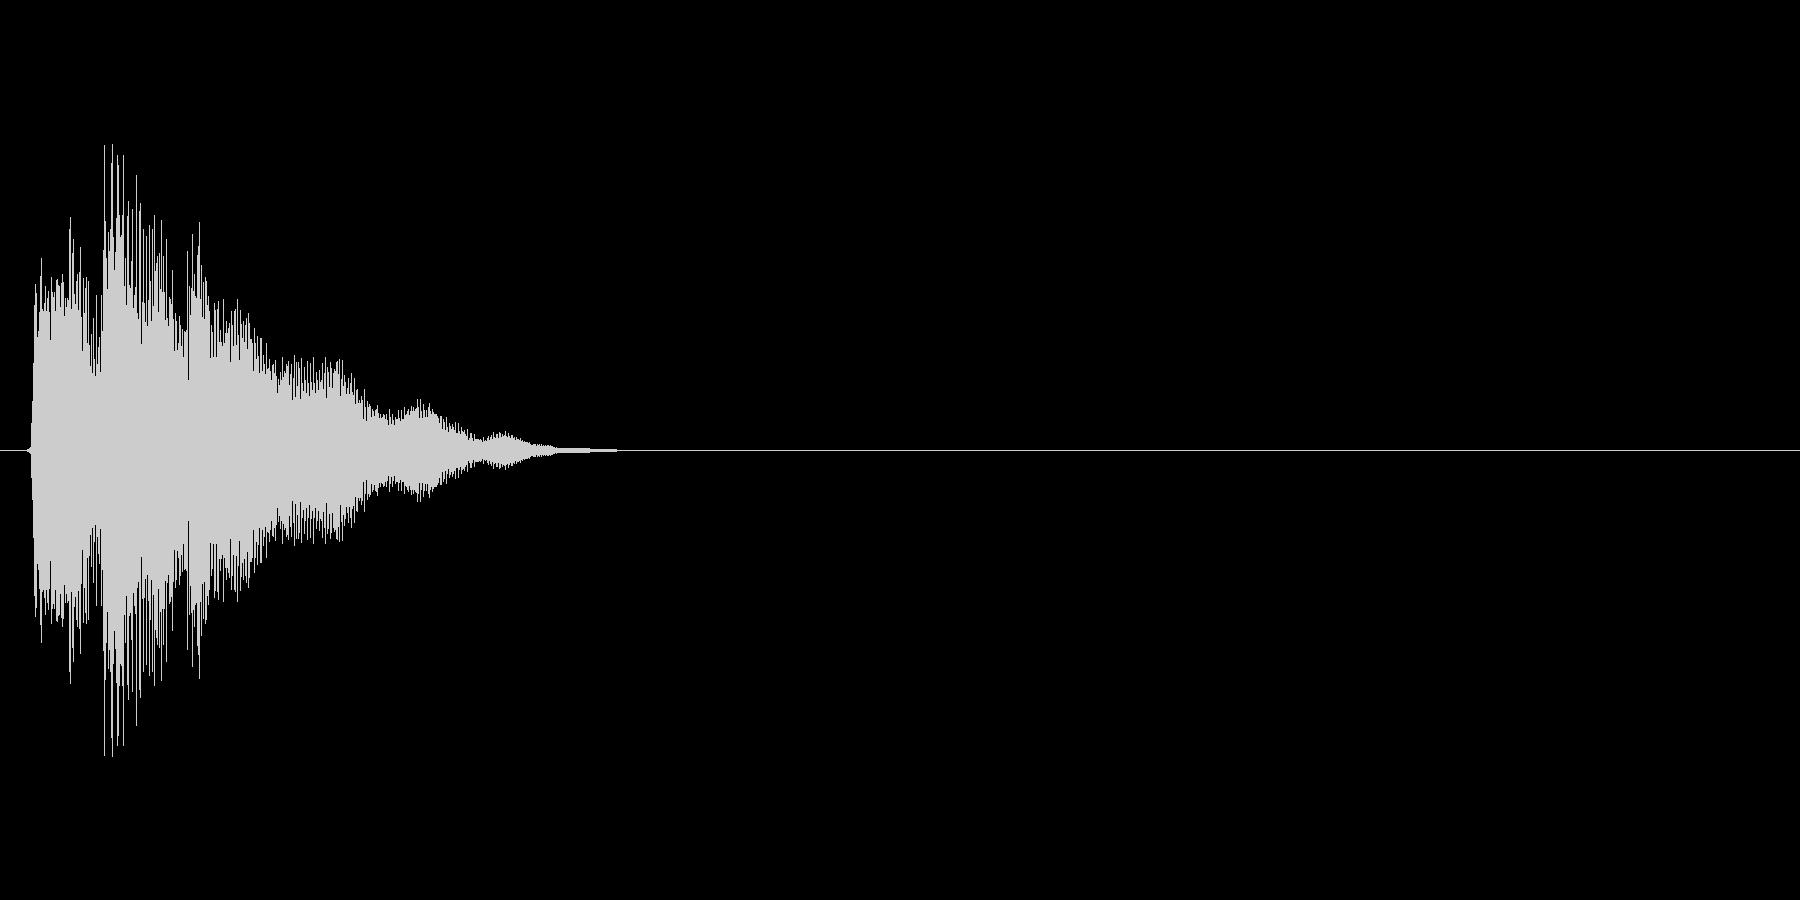 テレン!(シンセ、選択、高い音、UI)の未再生の波形